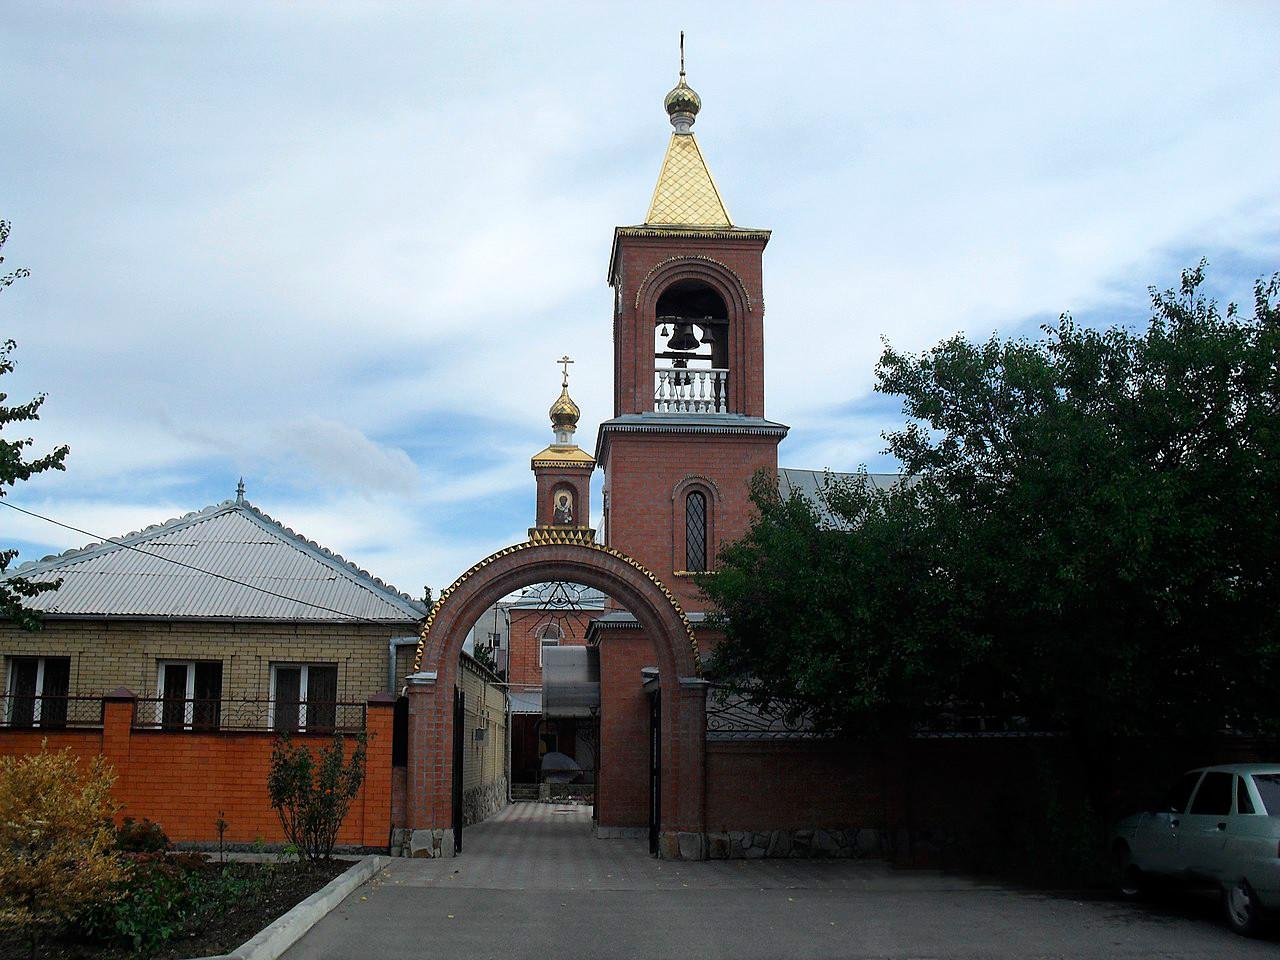 L'église de Saint-Nicolas à Mineralnyé Vody, dans le Caucase, érigée en 1950